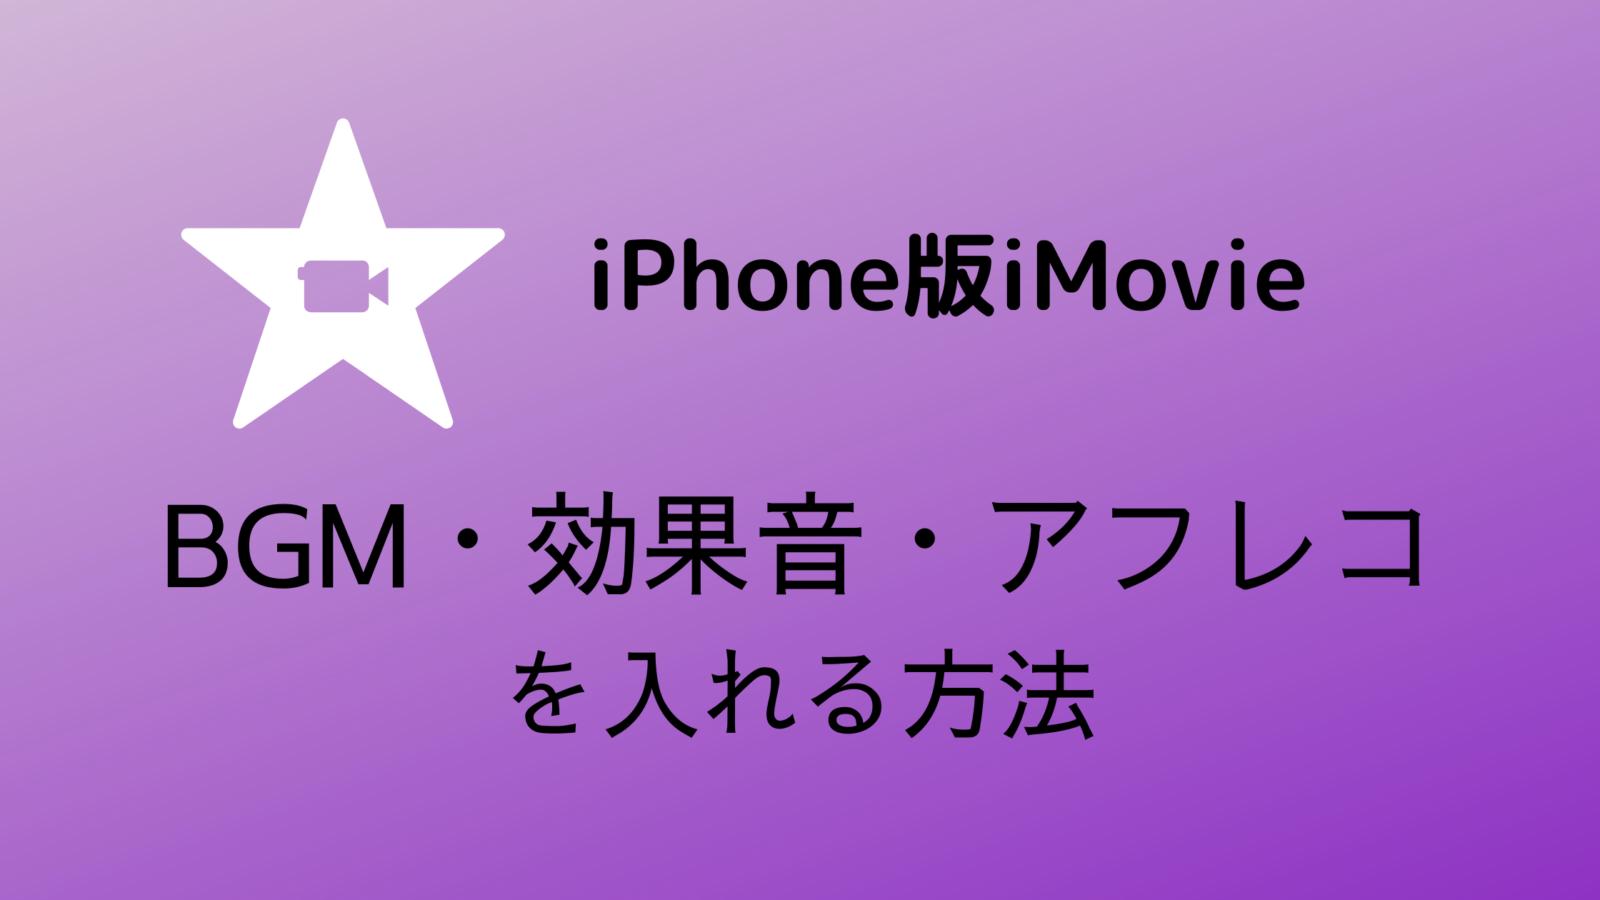 スマホ版iMovieで動画にBGM・効果音・アフレコを入れる方法